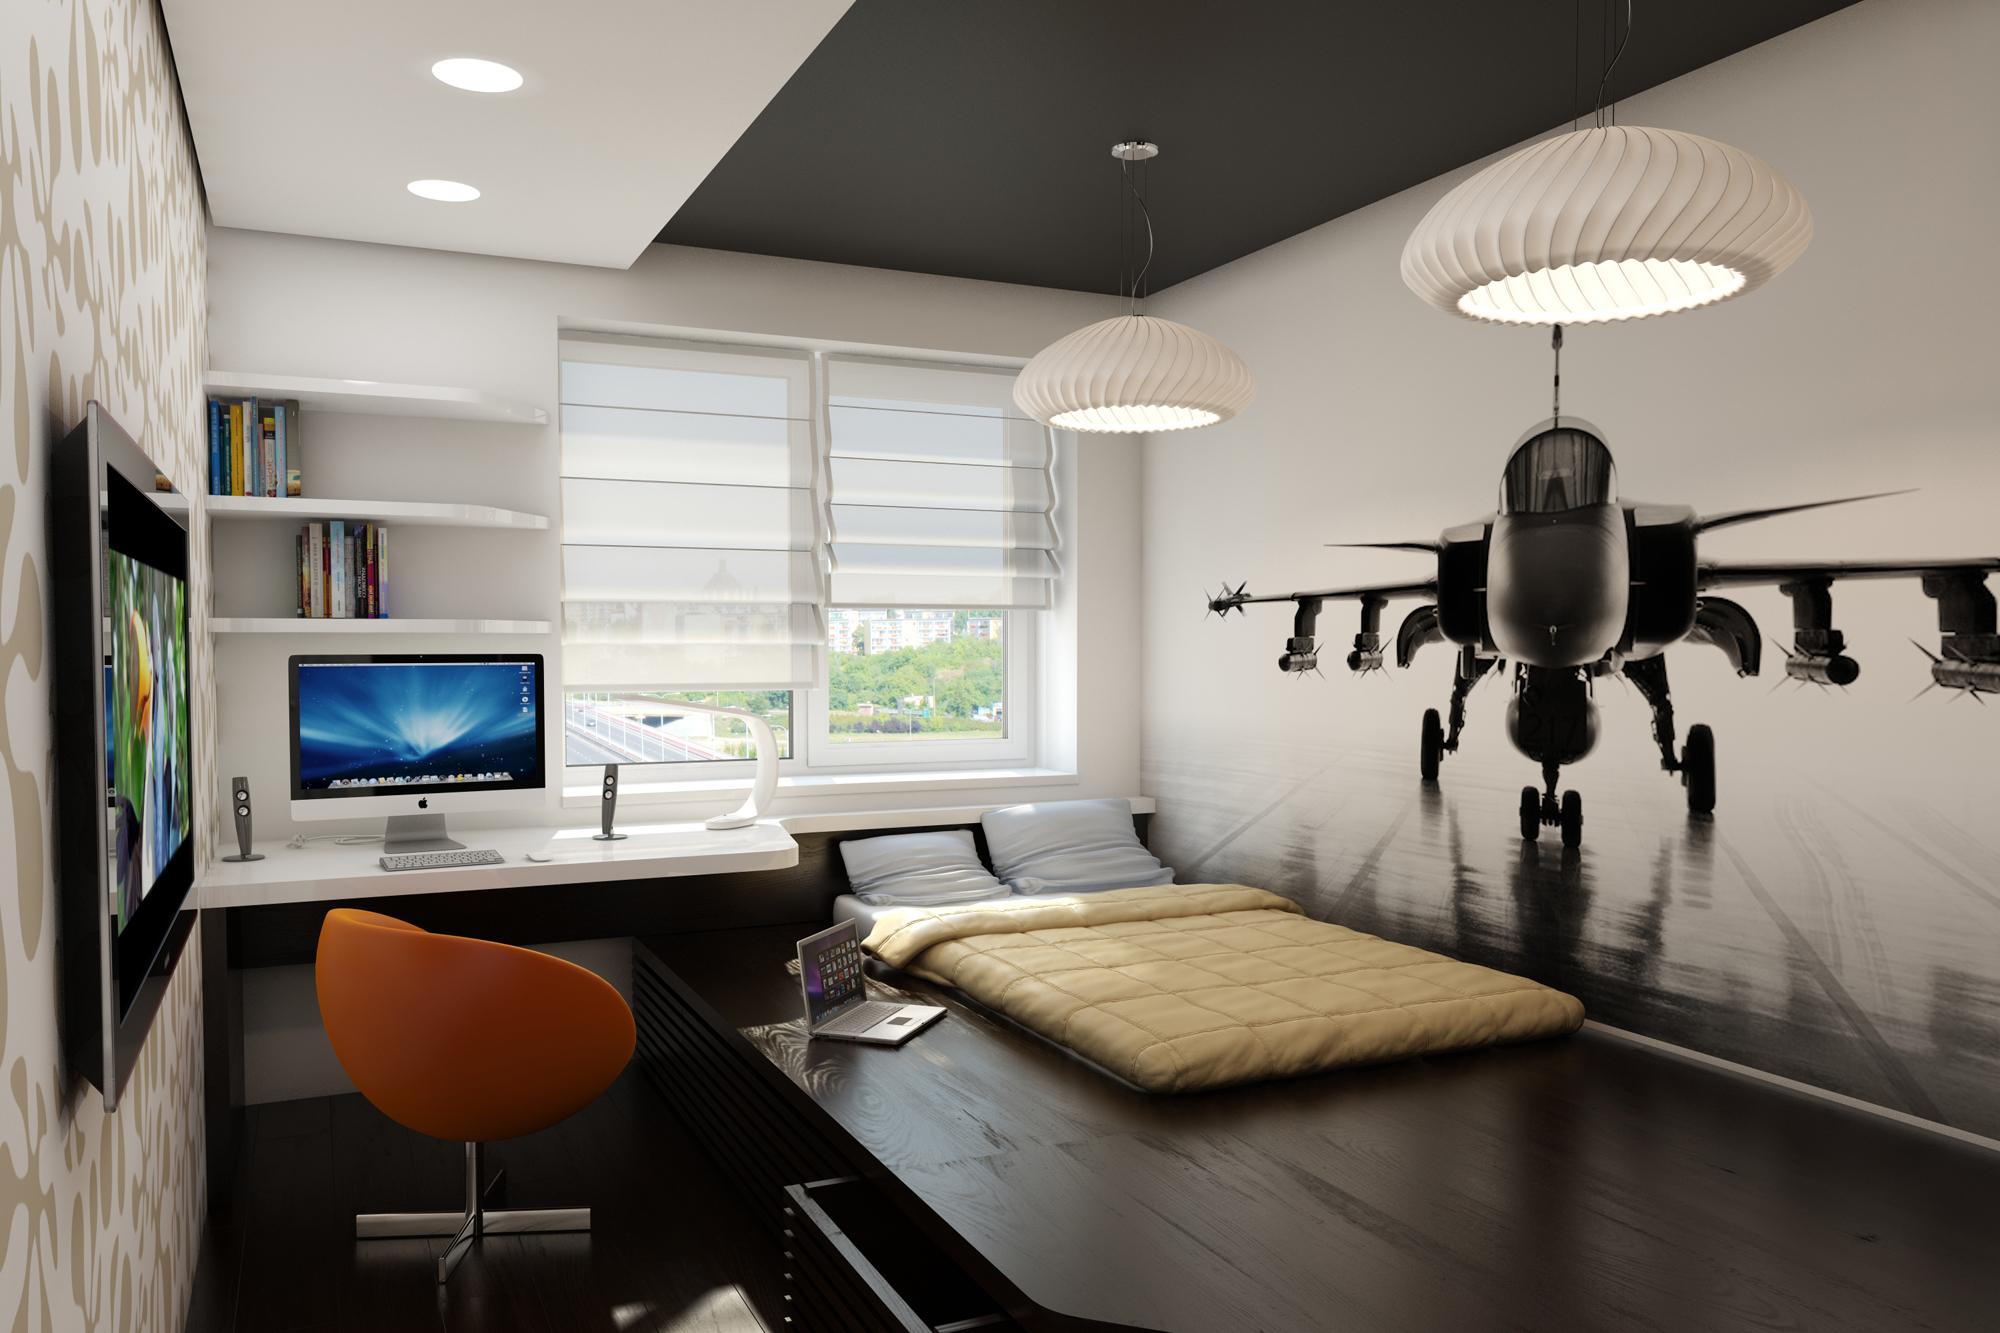 Дизайн комнаты с подиумом дизайн интерьер